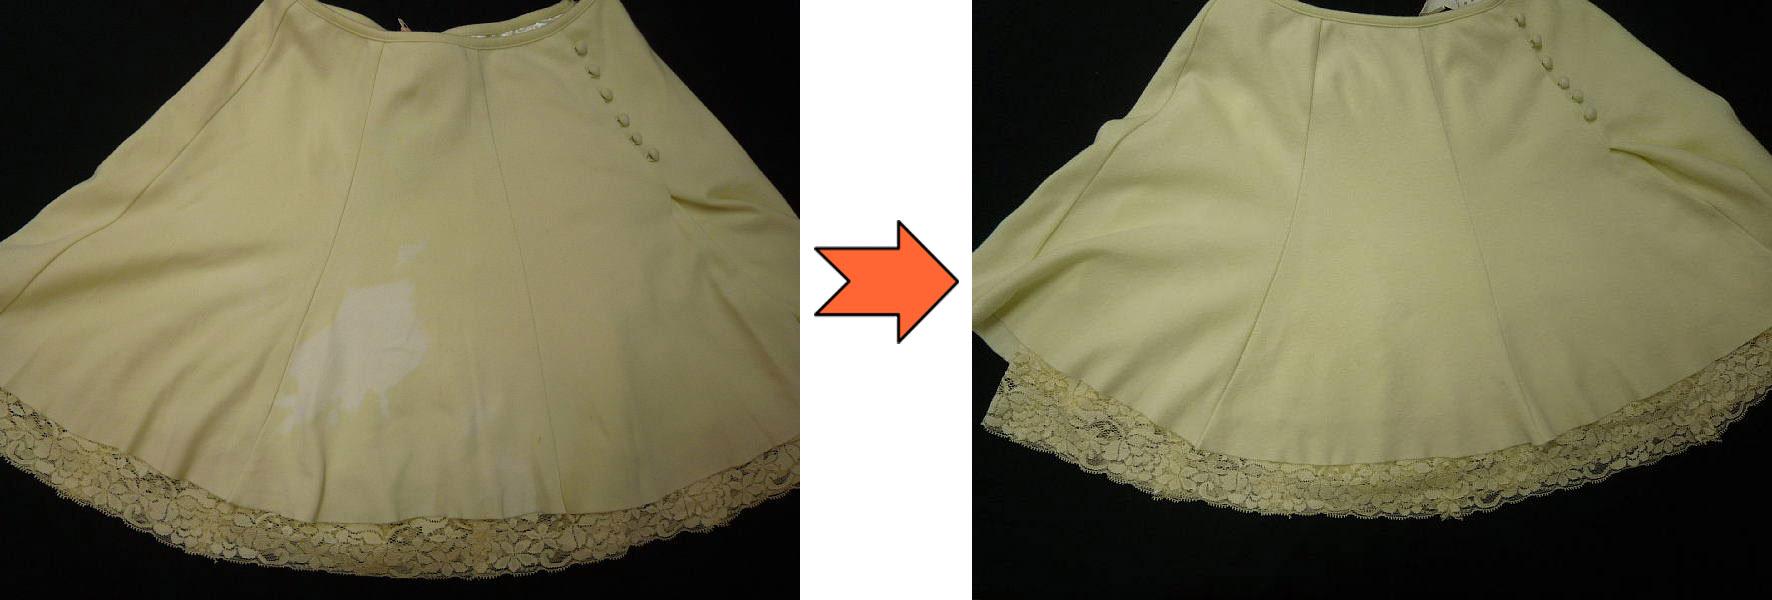 スカート脱色の色修正